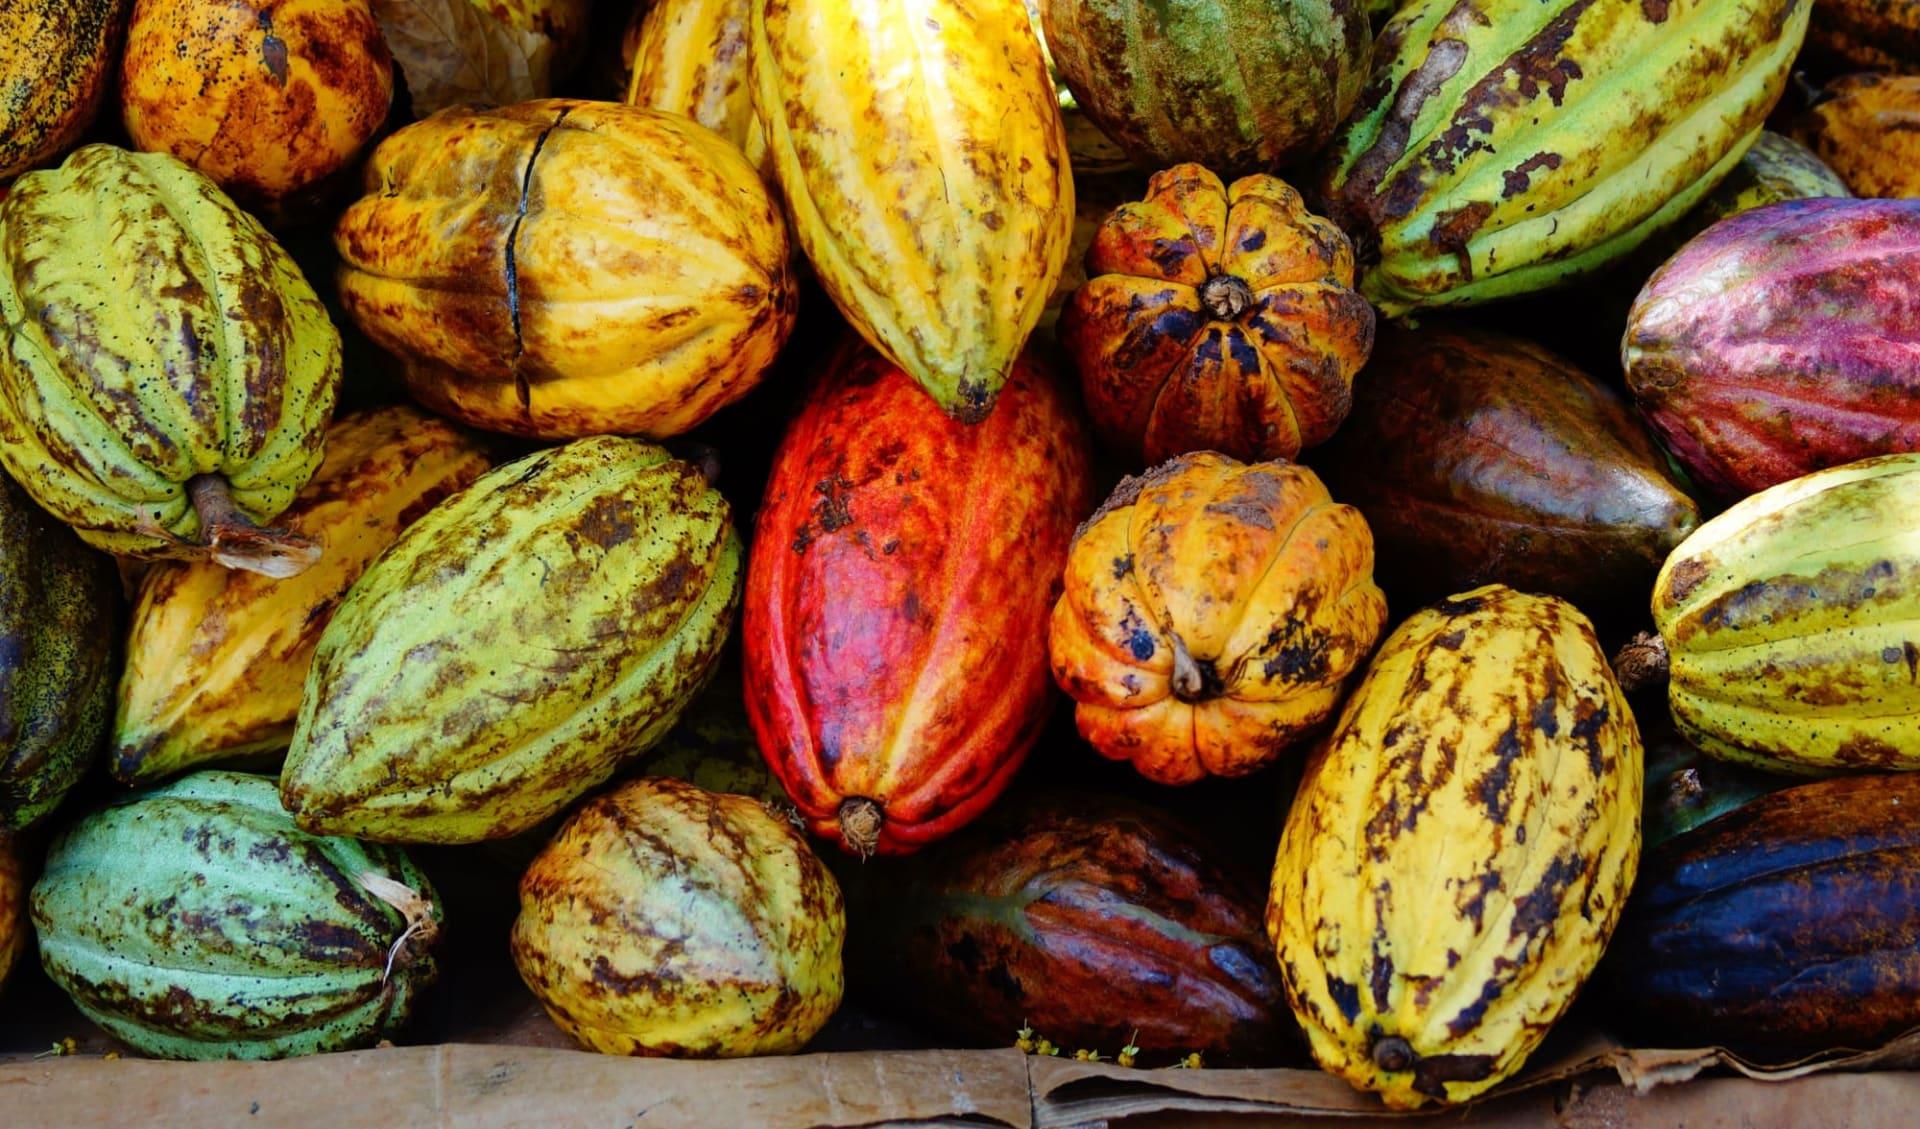 Höhepunkte Dominikanische Republik ab Santo Domingo: Dominikanische Republik - Früchte - Nahaufnahme